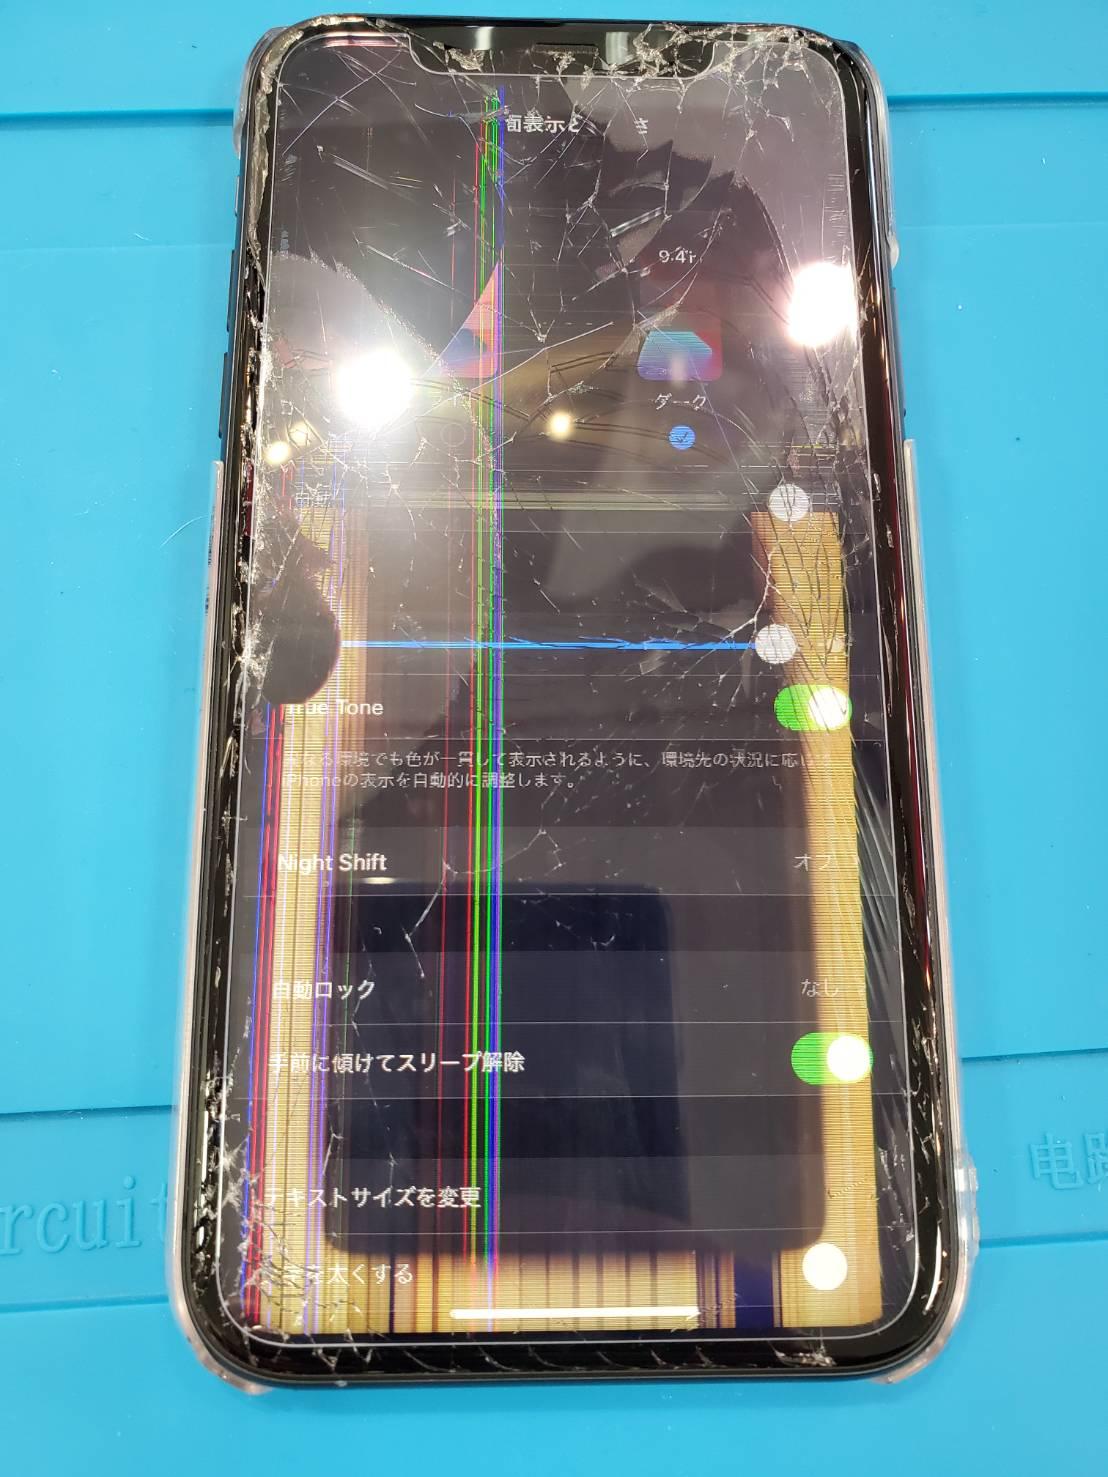 """""""iPhoneXS 液晶画面交換!! iPhoneの修理は米子最安修理の「あいプロ米子店」へお任せください!米子市・境港市・安来市・西伯郡"""""""